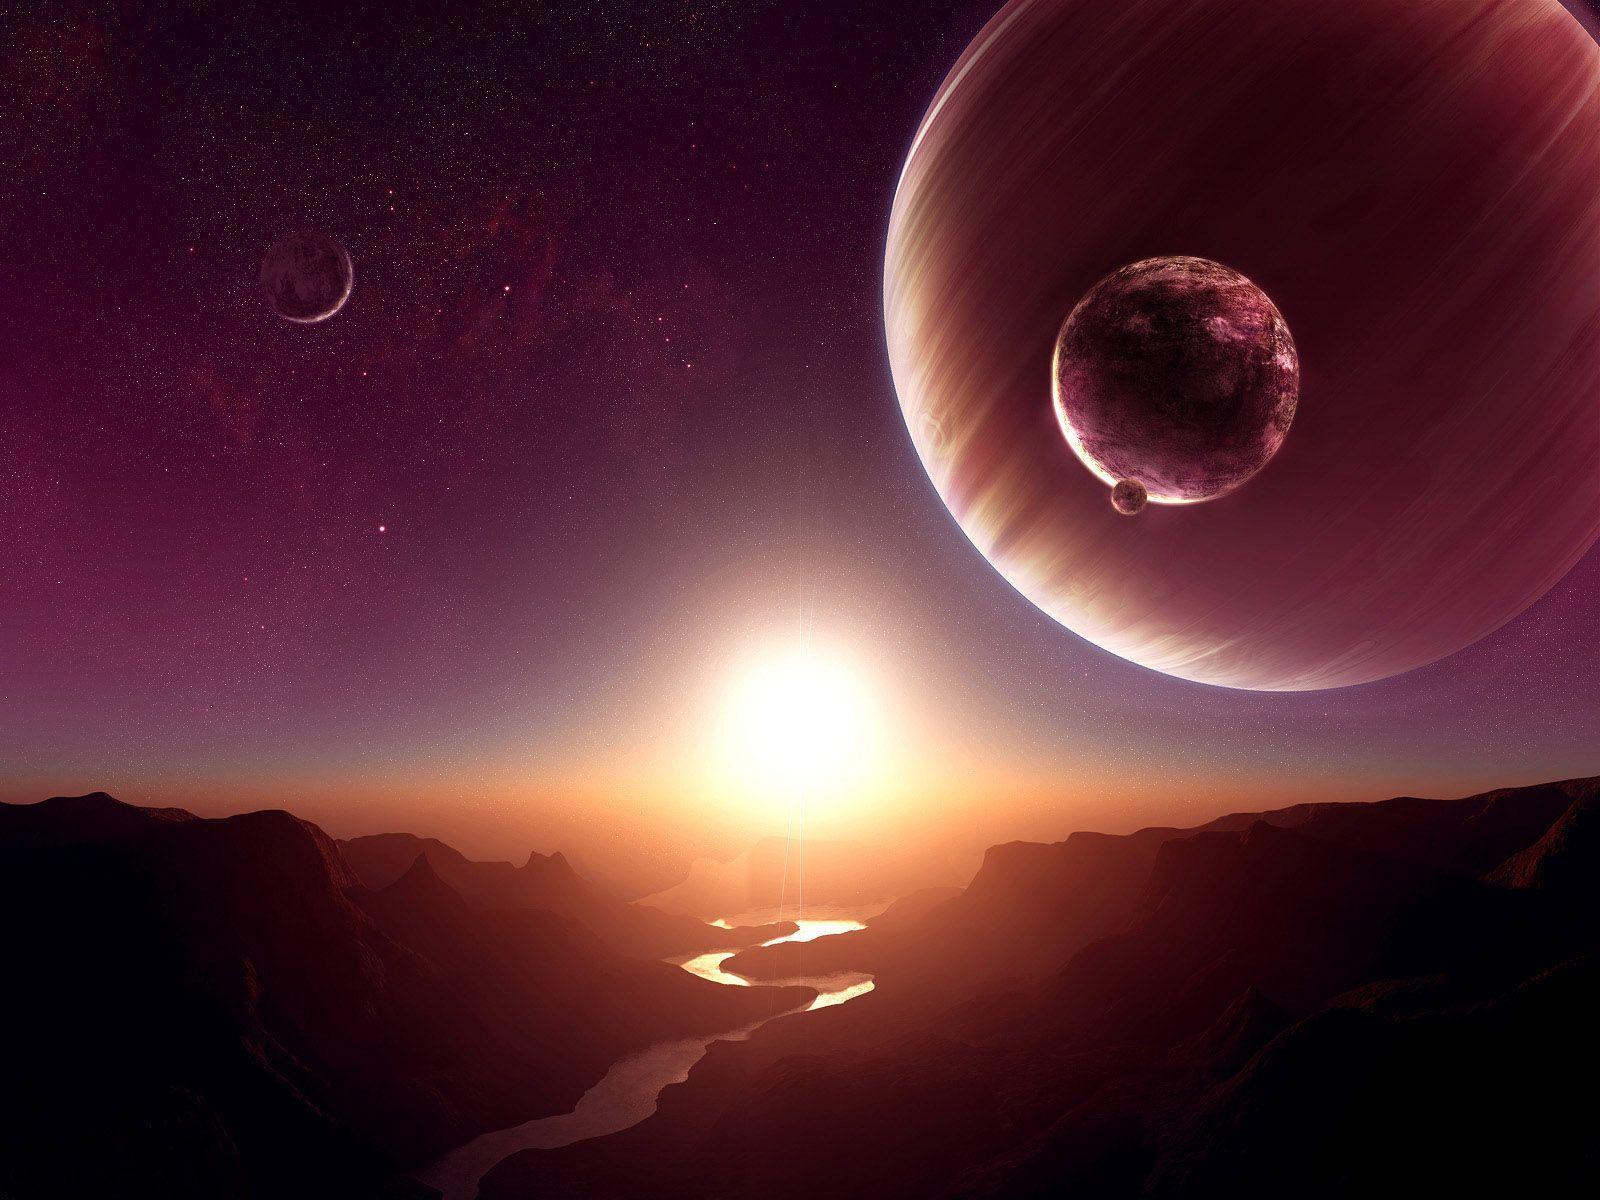 Hình nền mặt trời mọc 1600x1200